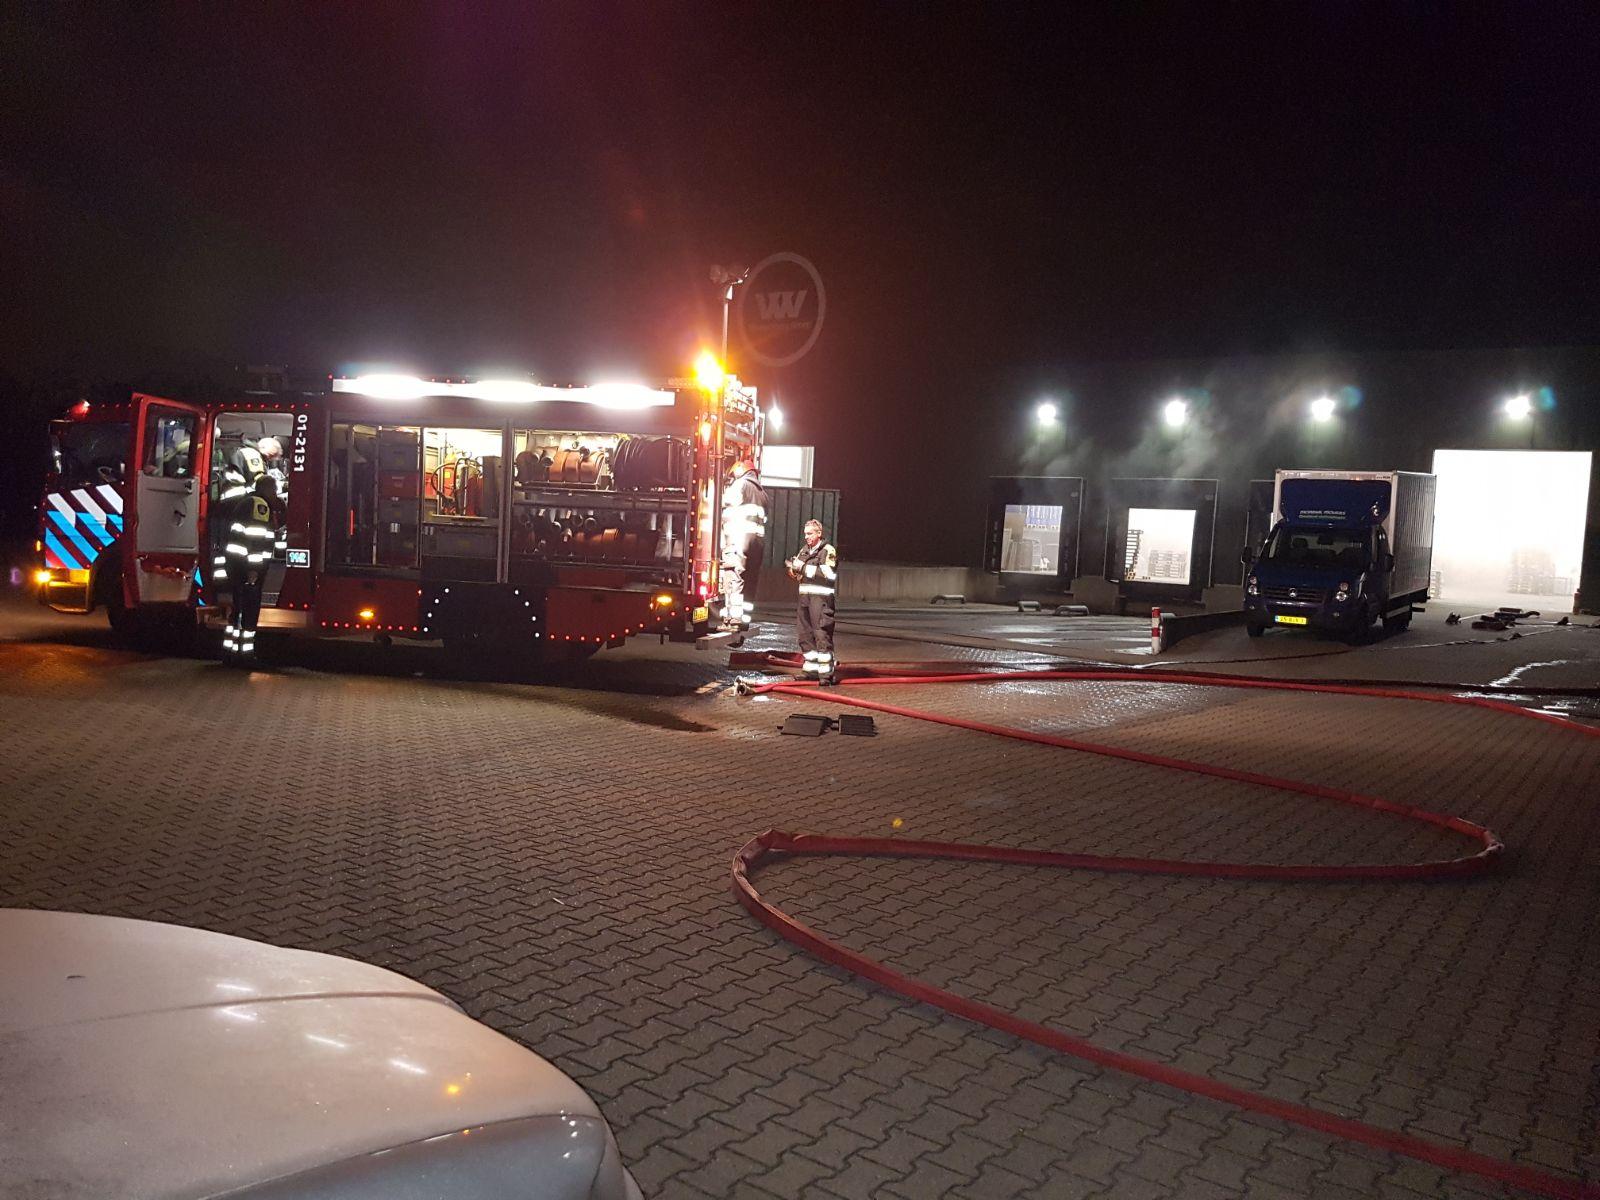 Oefening-Brandweer-in-pand-Mondial-Oostland-Logstics-te-Kolham-1